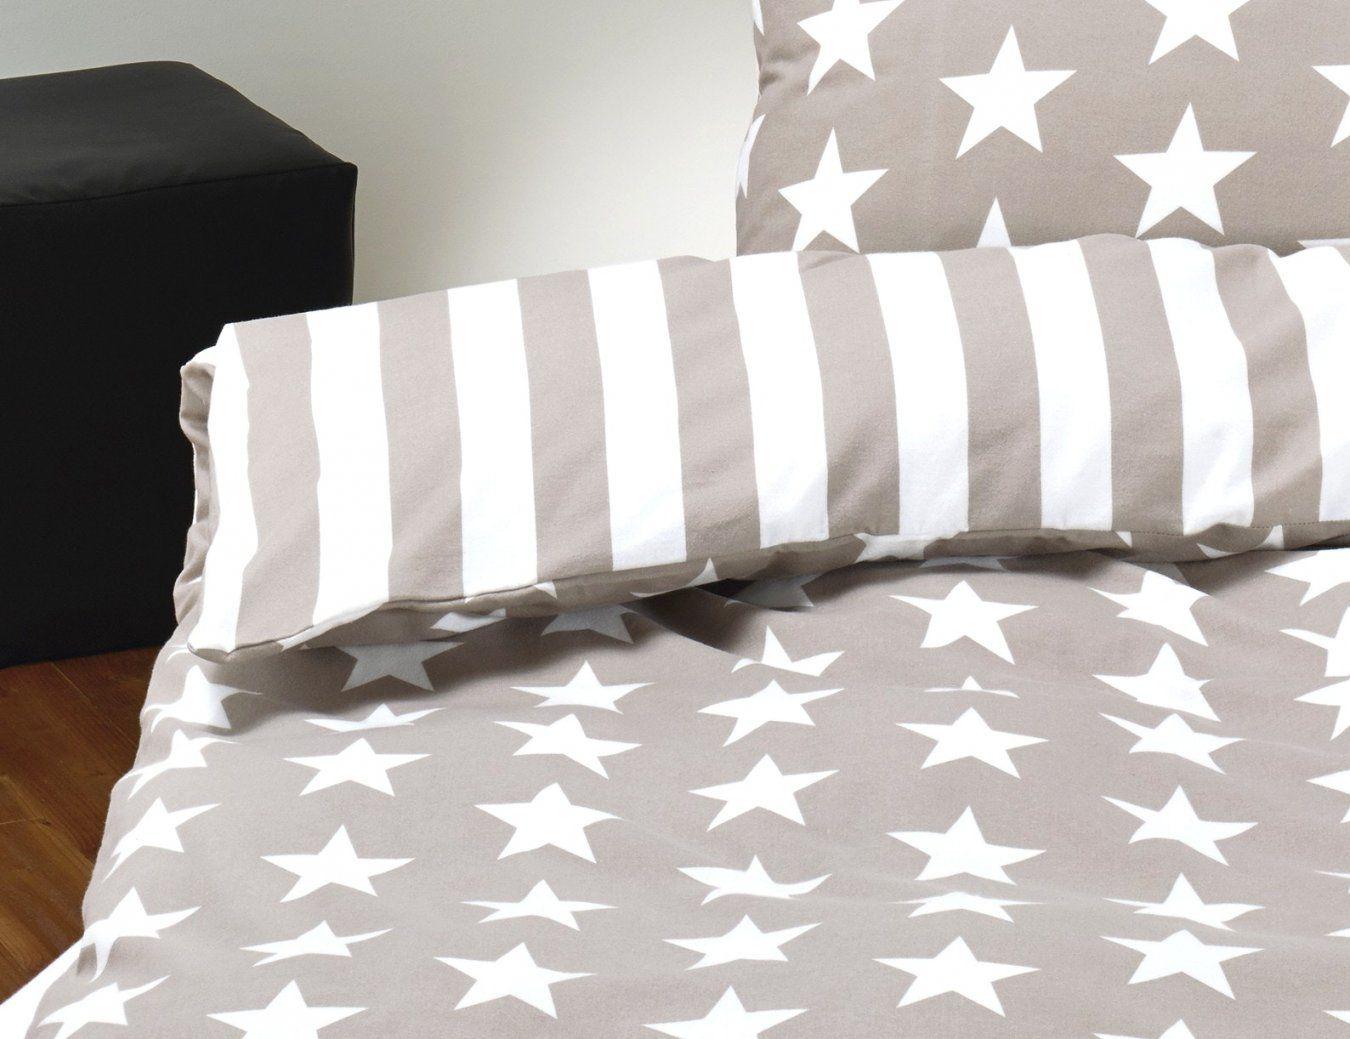 niedlich nice biber bettw sche sterne fotos innenarchitektur von aldi bettw sche sterne bild. Black Bedroom Furniture Sets. Home Design Ideas